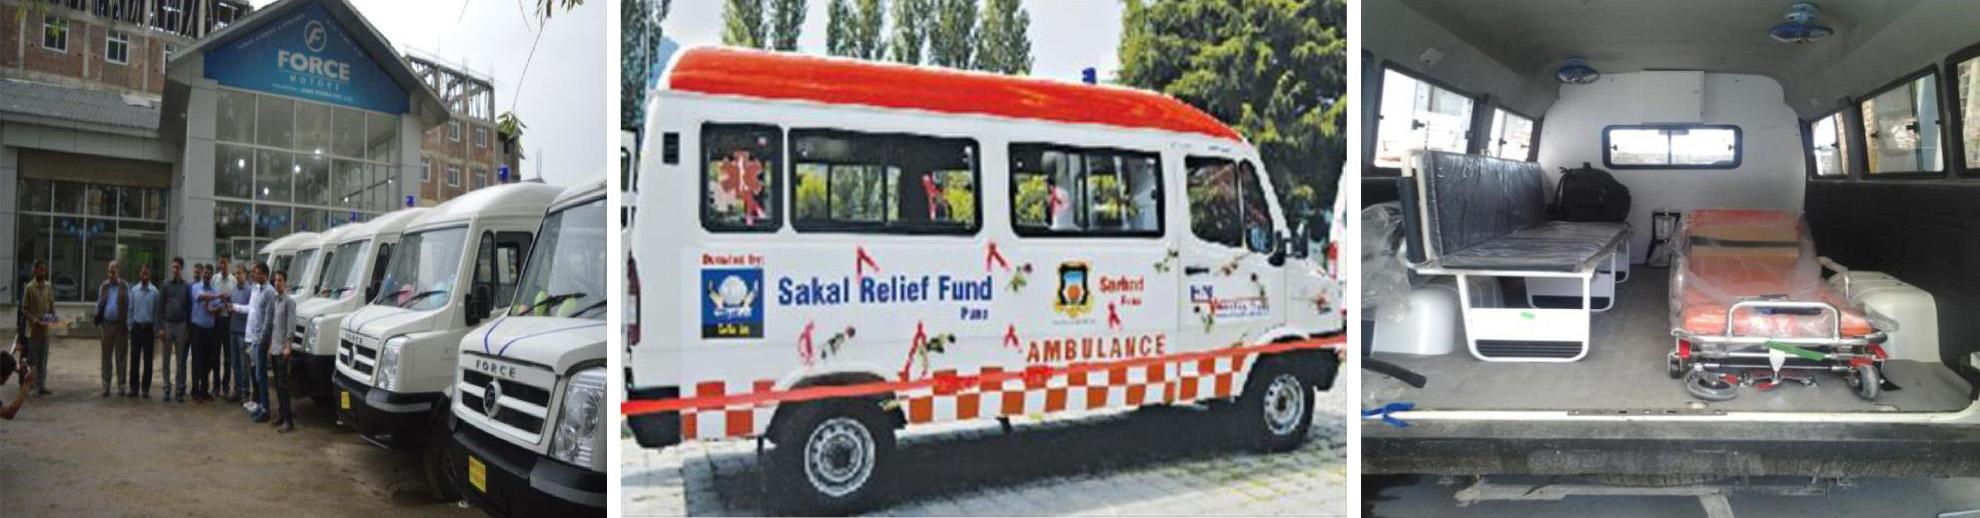 Sakal Relief Fund